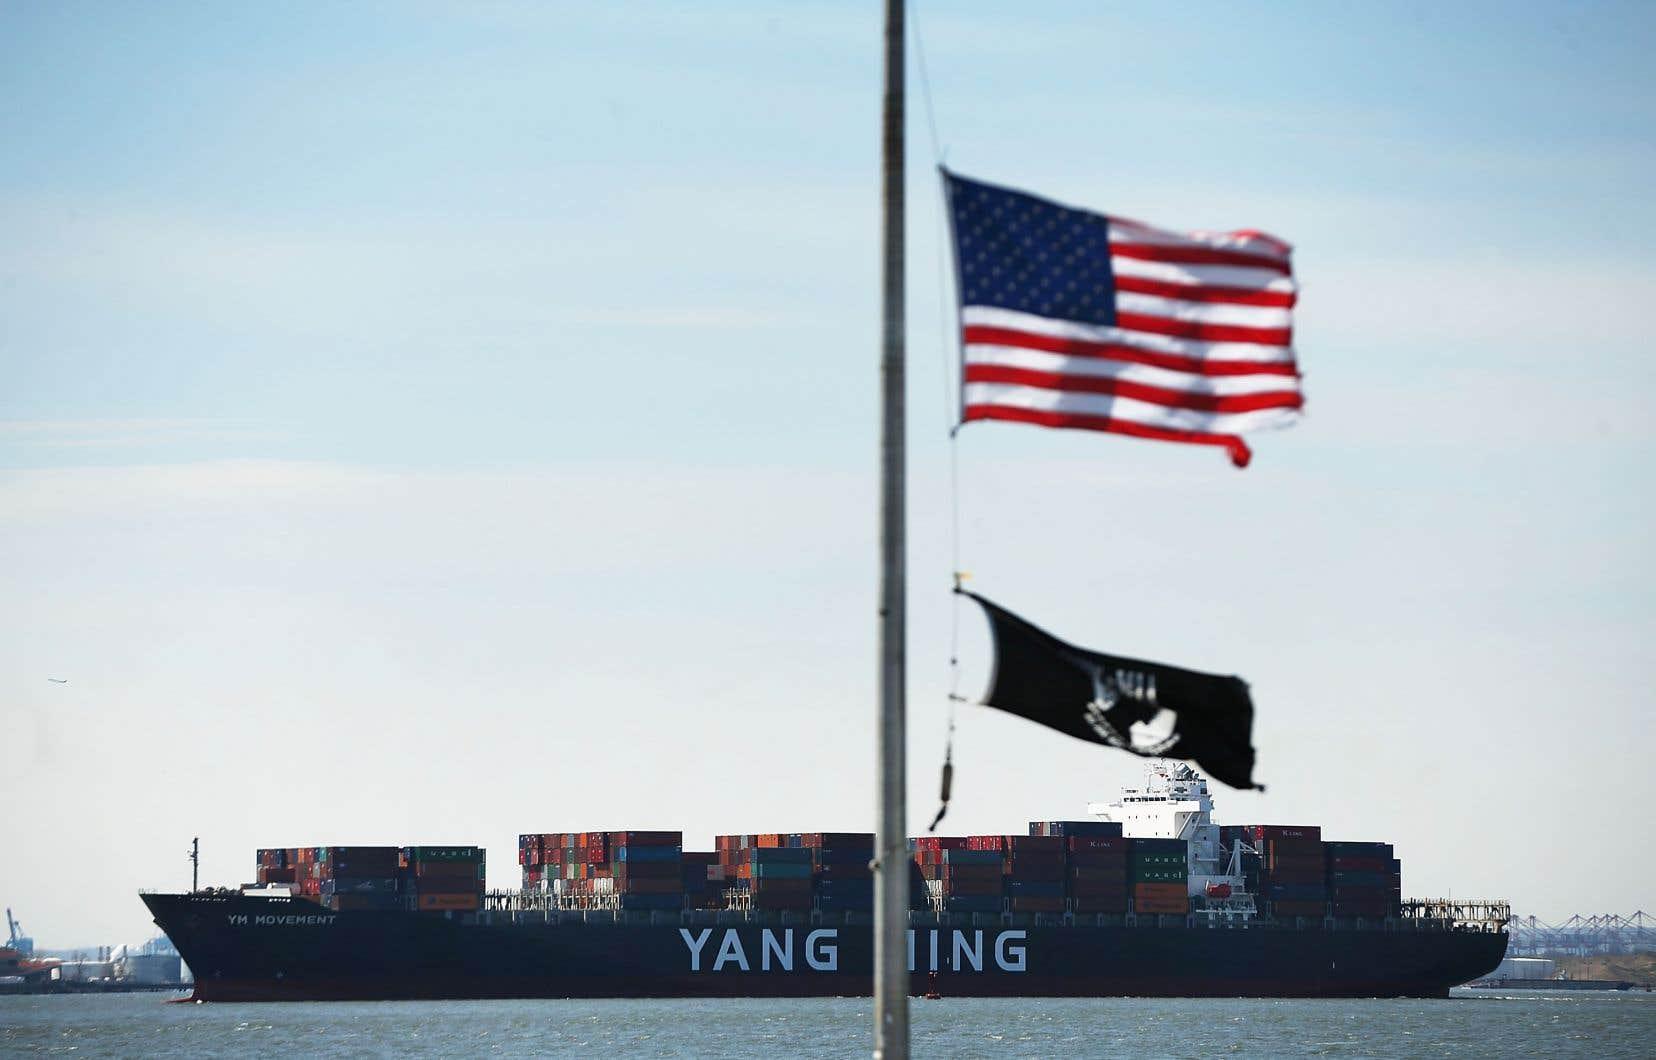 À l'instar des économies dites avancées, les États-Unis vont écoper des tensions commerciales et du resserrement des conditions de crédit avec un rythme de croissance appelé à passer de 2,9% en 2018 à 2,5% cette année, puis à 1,7% en 2020 et 1,6% l'année suivante.